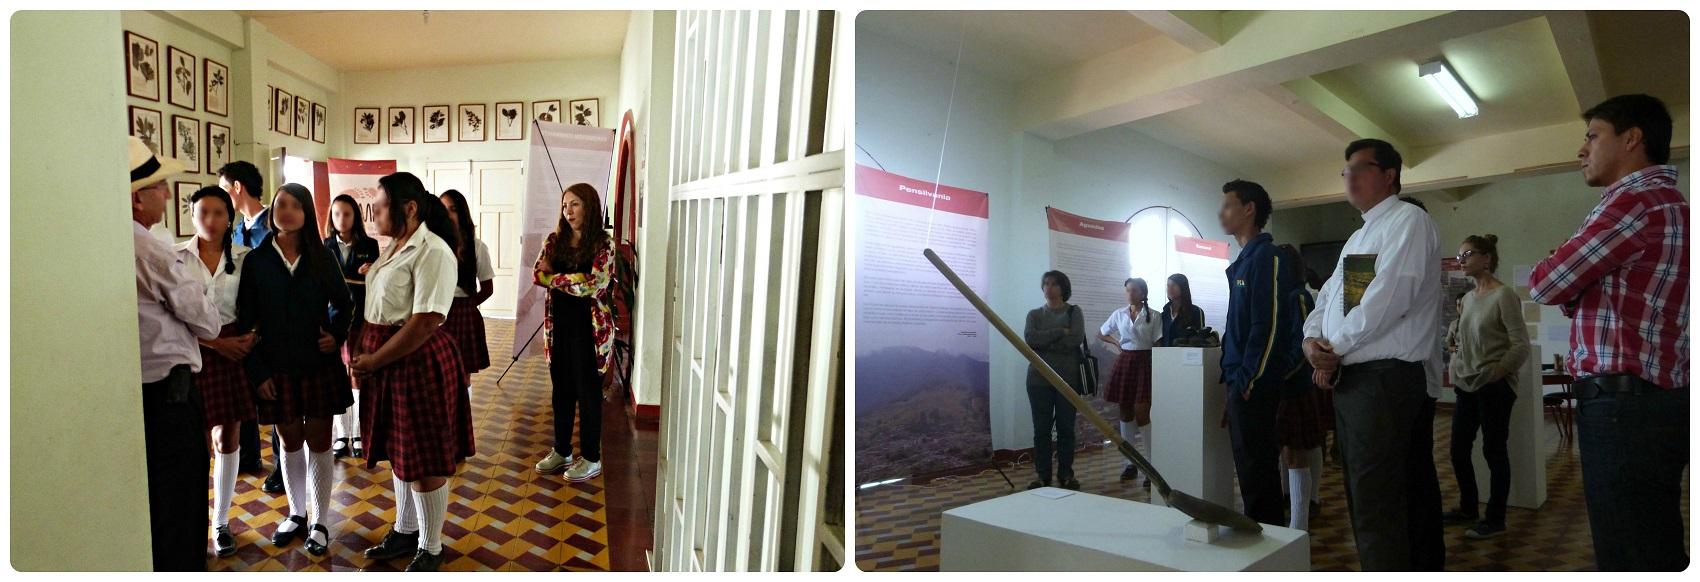 Élèves d'un lycée lors de l'inauguration de l'expo Tempo à Aguadas